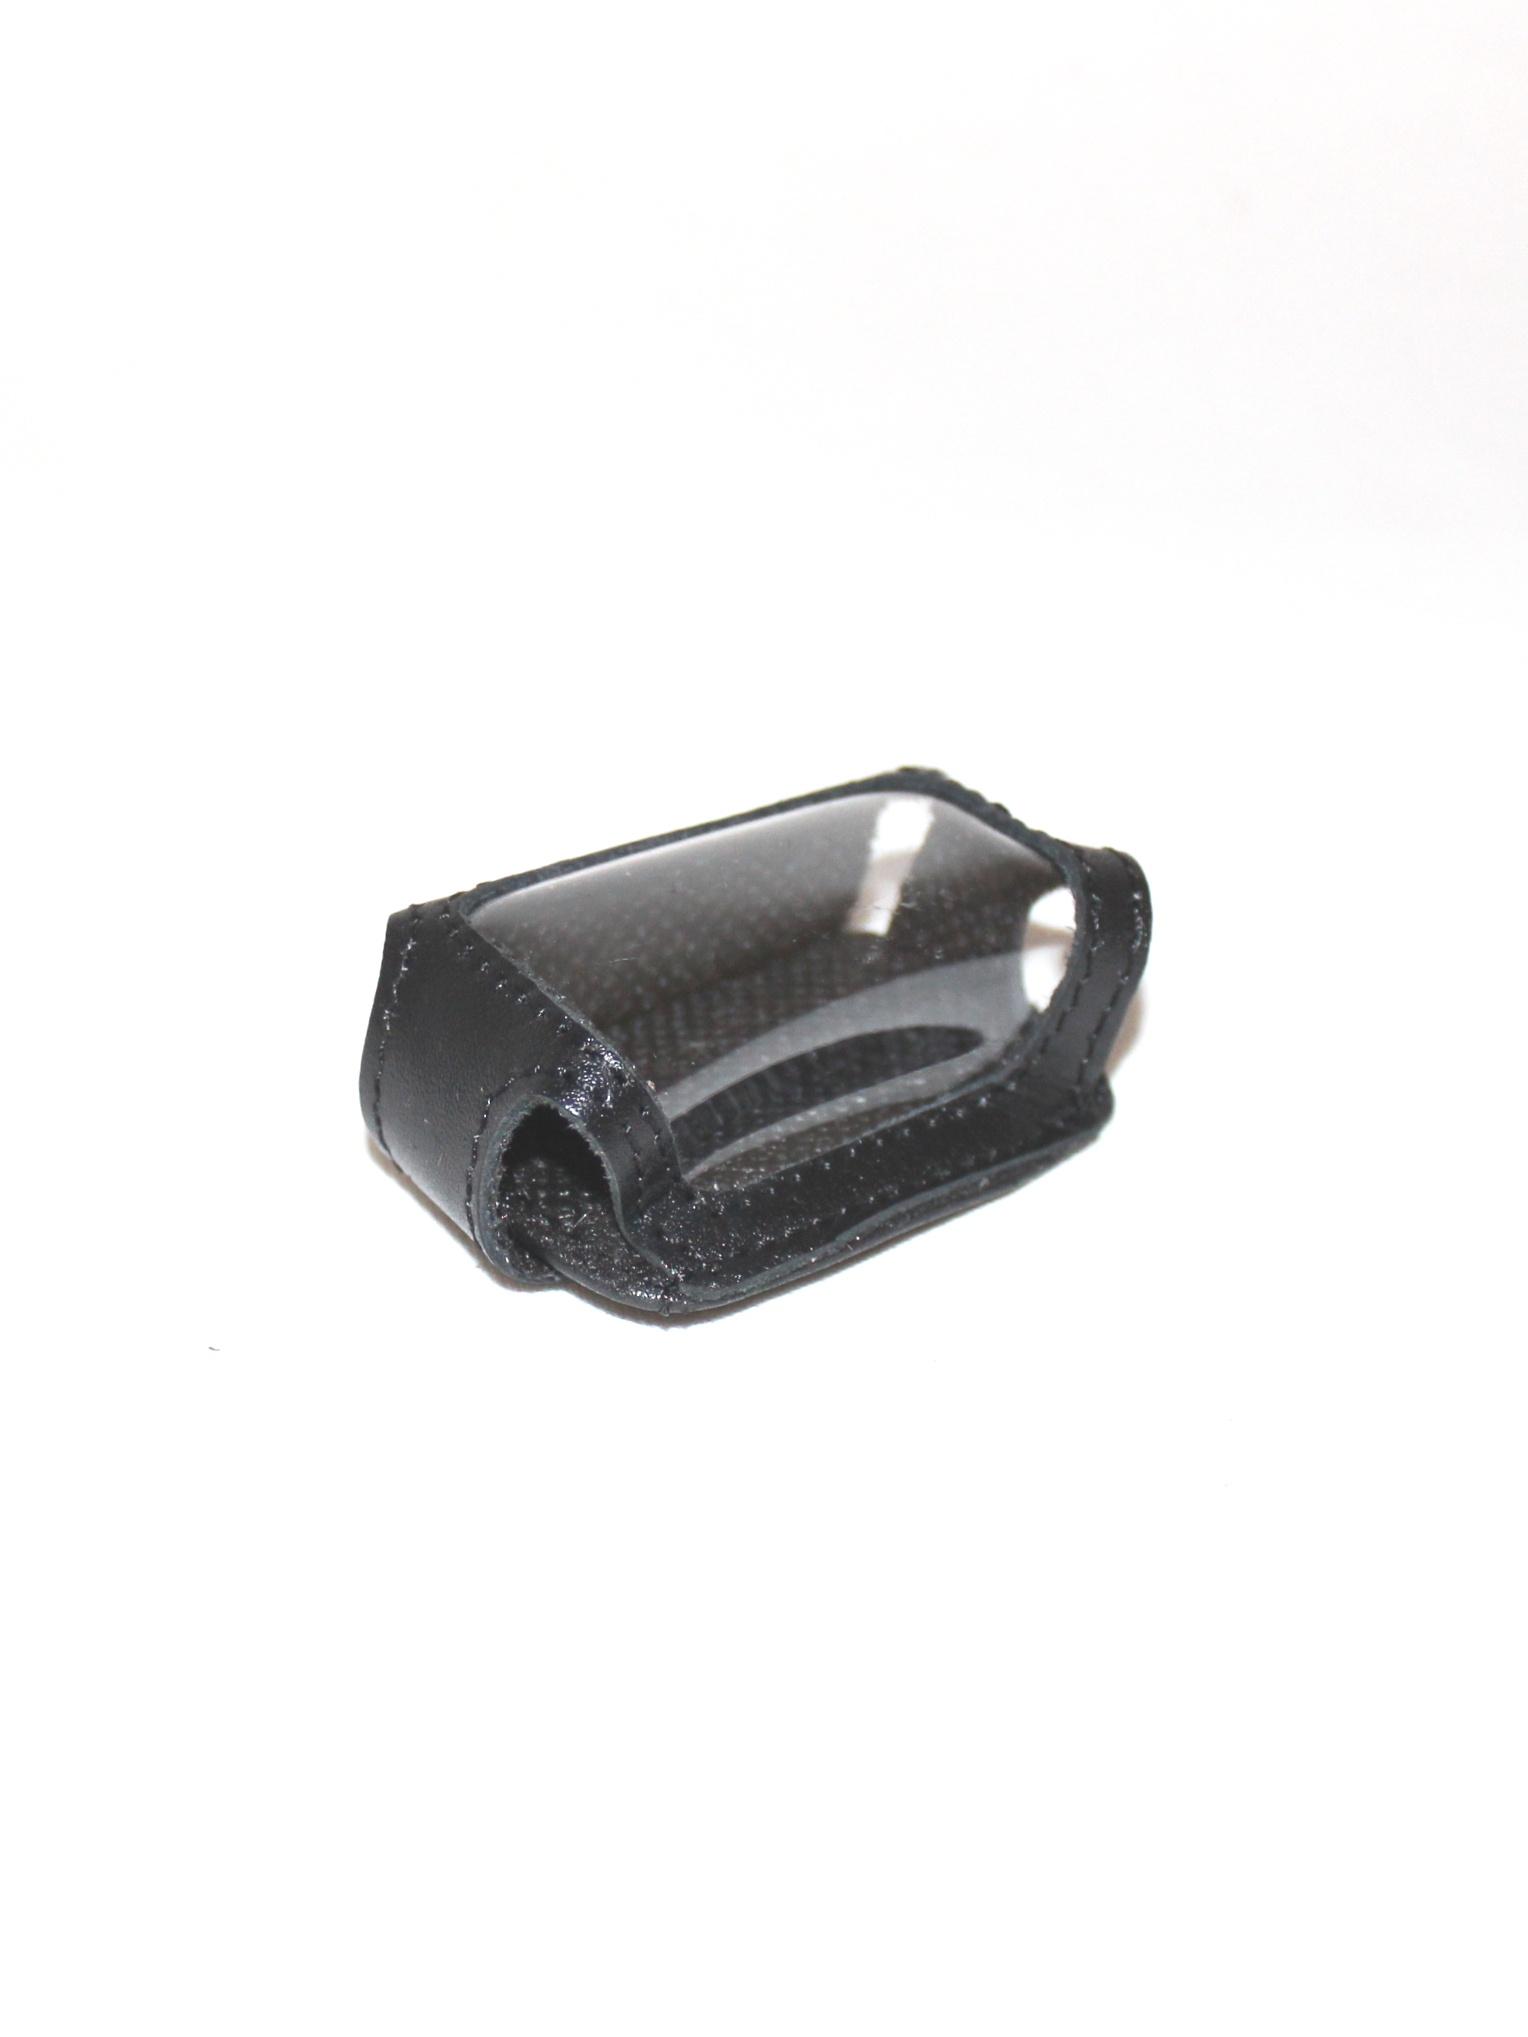 Чехол для автомобильного брелка Snoogy TOMAHAWK 7000/7010/9000/9010/9020/9030 NEW все цены